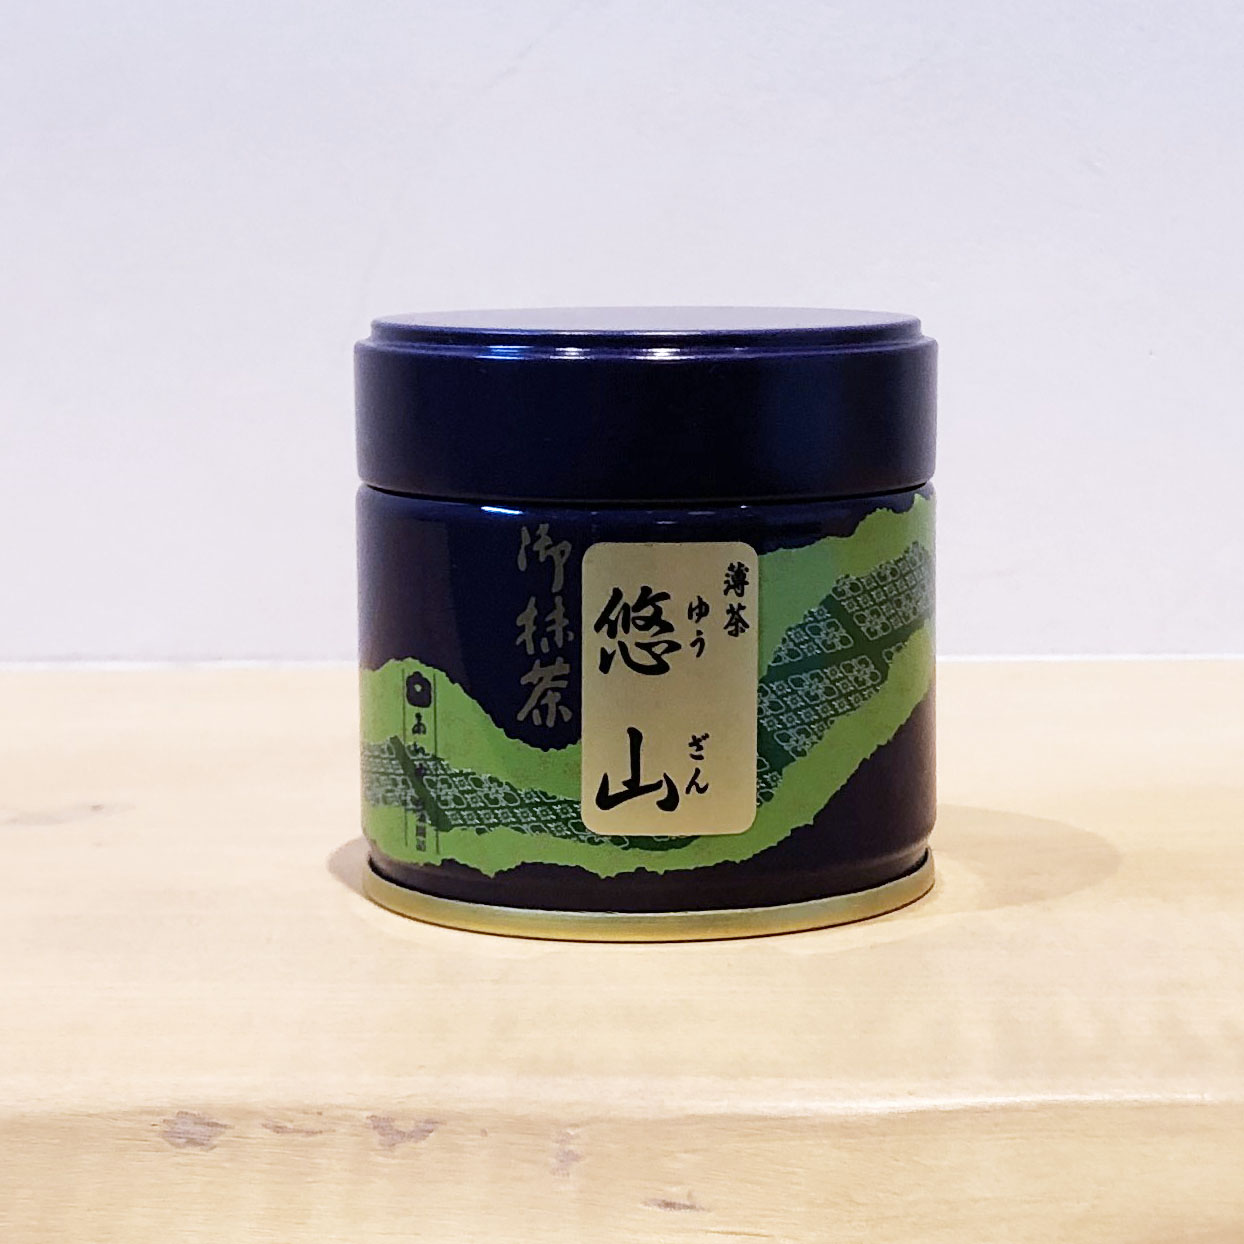 抹茶ラテ 手作りセット(シェイカー、悠山30gセット)